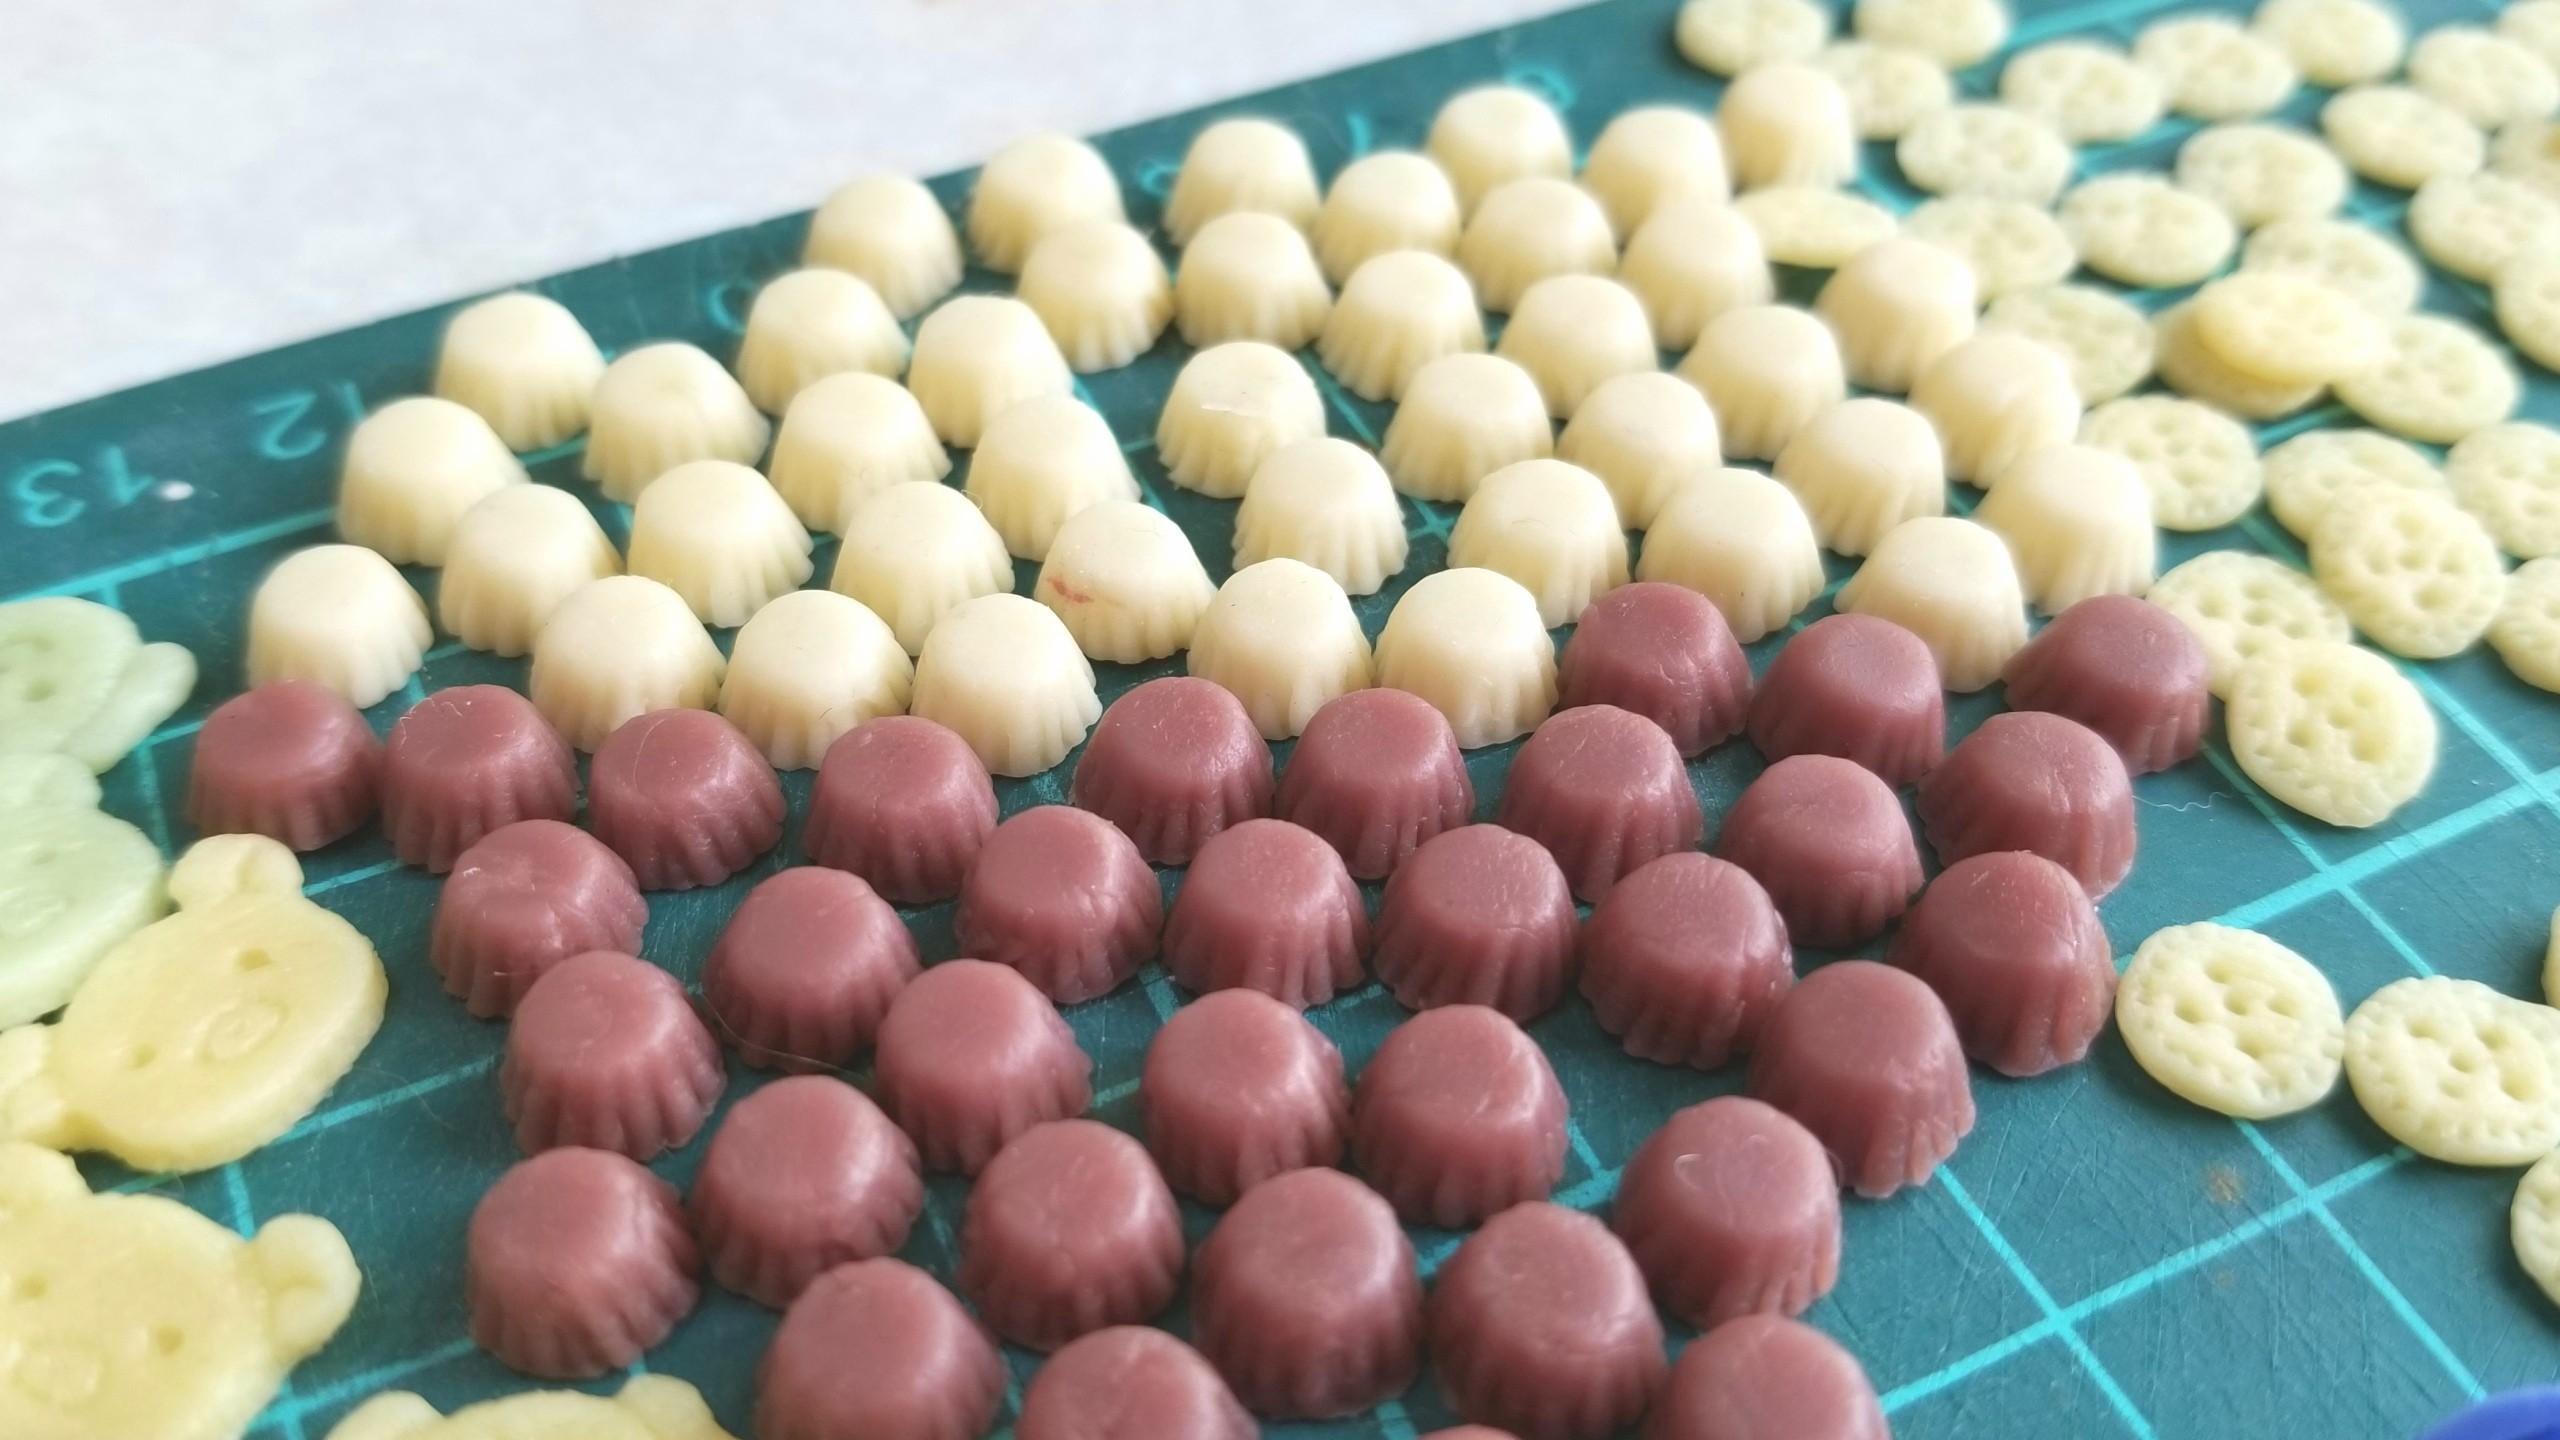 ミニカップケーキ,着色,作り方,ミニチュア,樹脂粘土,ドールハウス